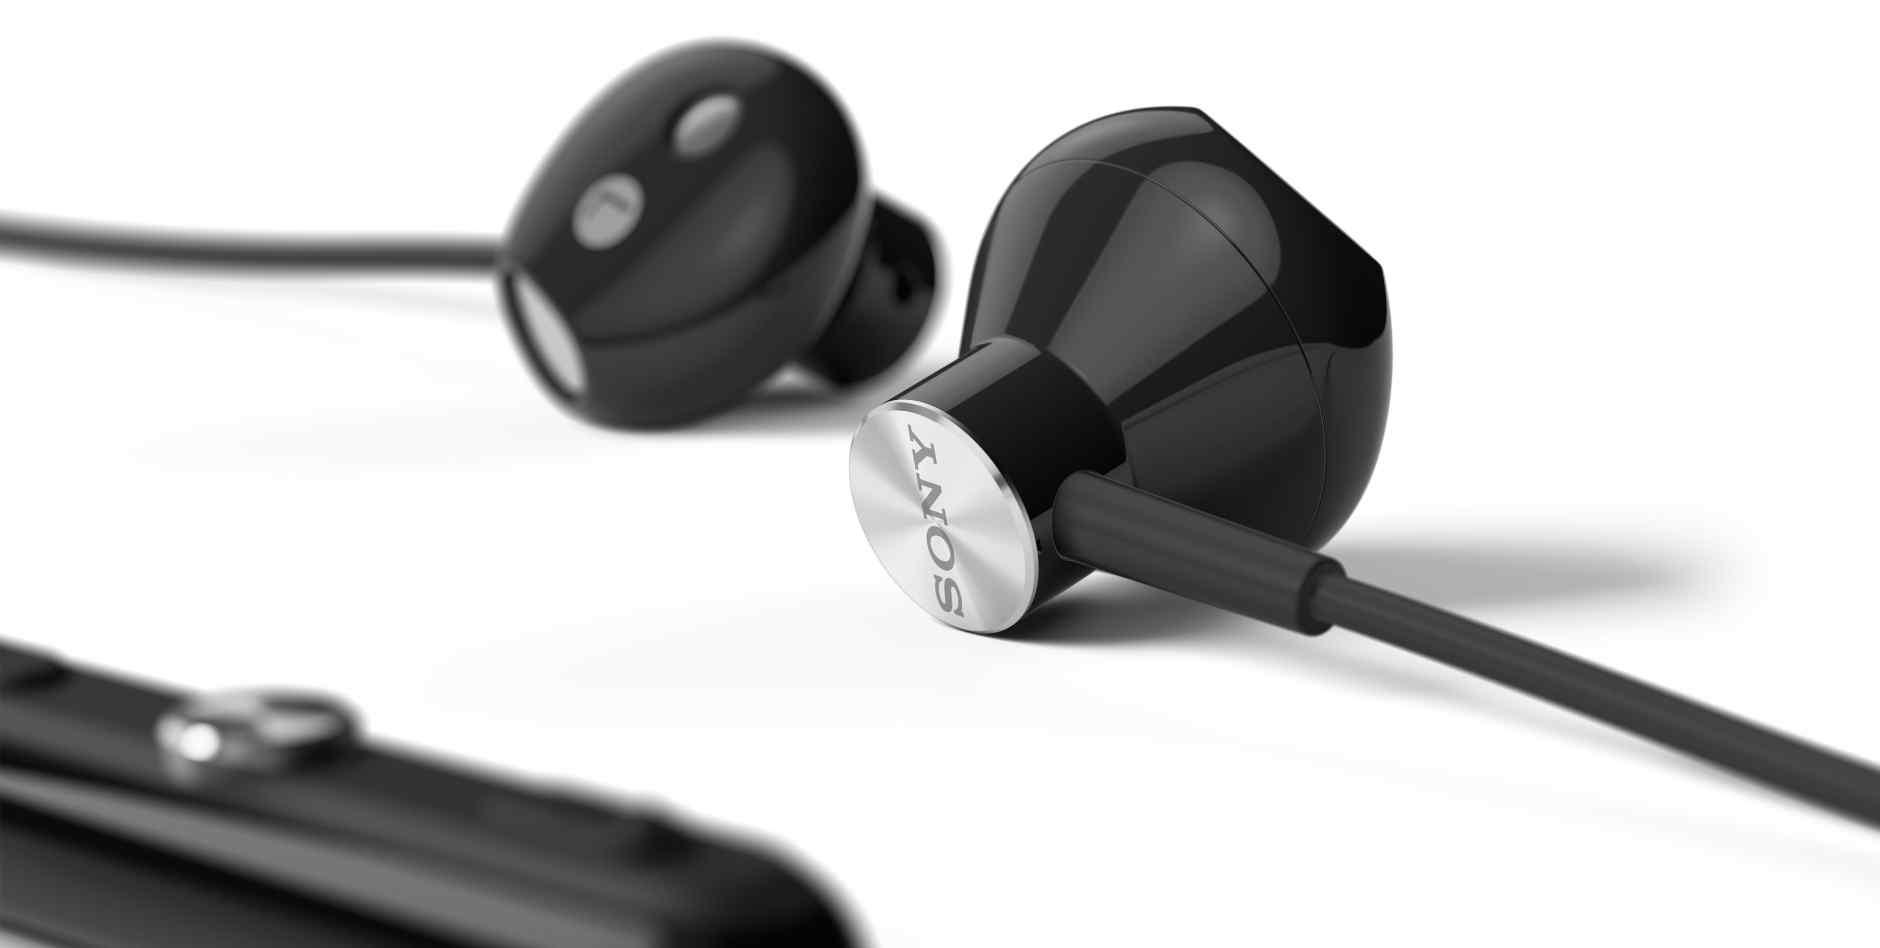 [Mua sắm]5 tai nghe nổi bật dưới 1 triệu đồng